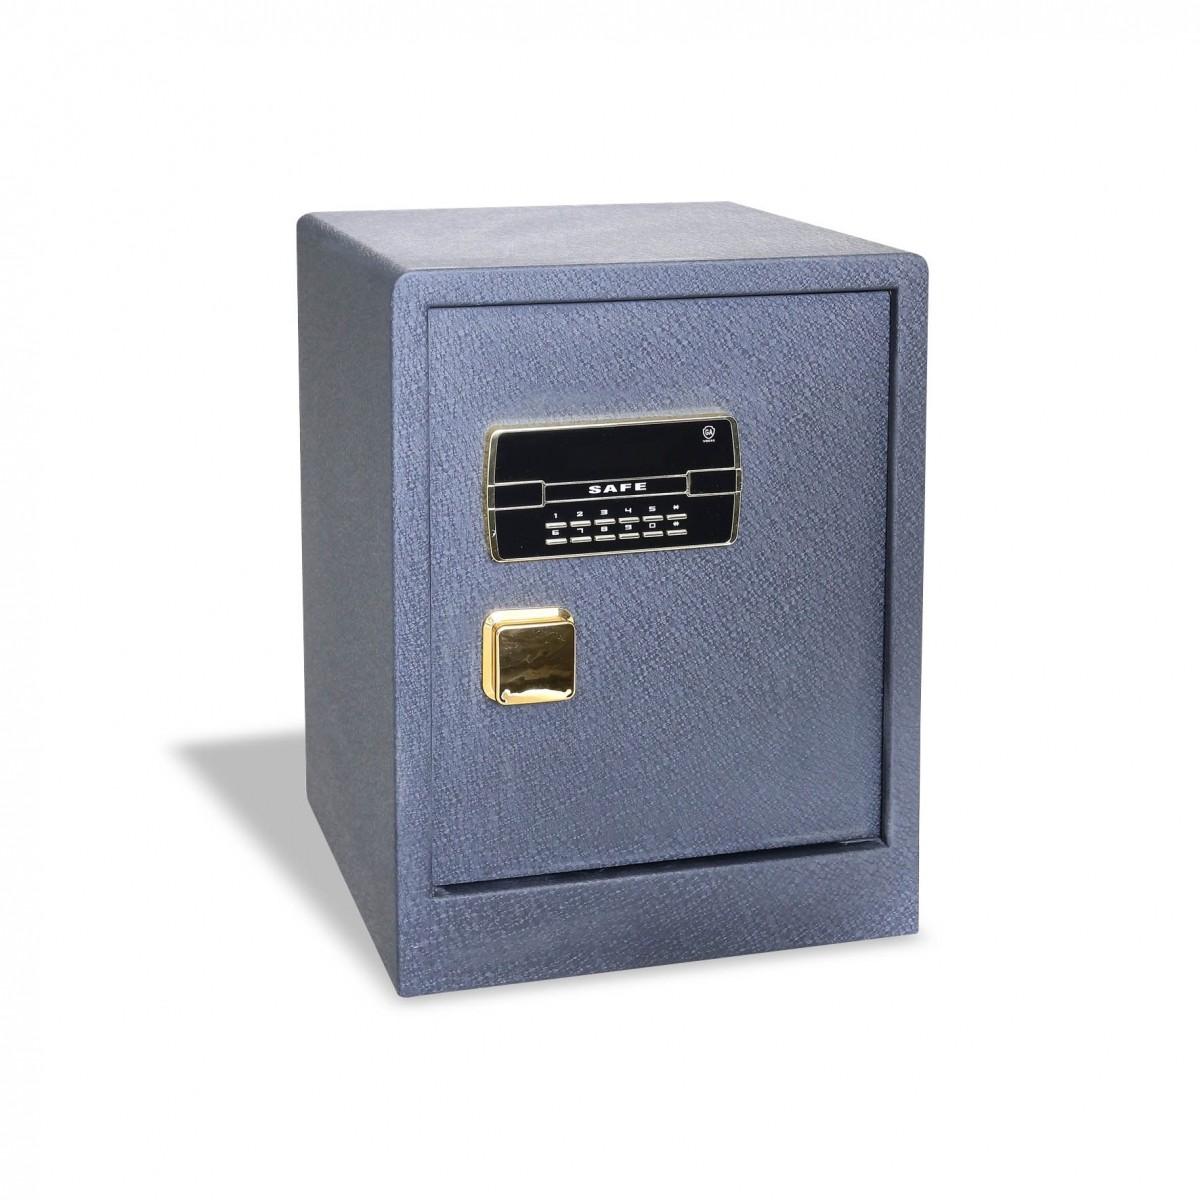 (FORA DE LINHA) Cofre Safewell Burglary Safe AD42BN, Dimensões 430 X 388 X 330 MM, espessura 2-10mm